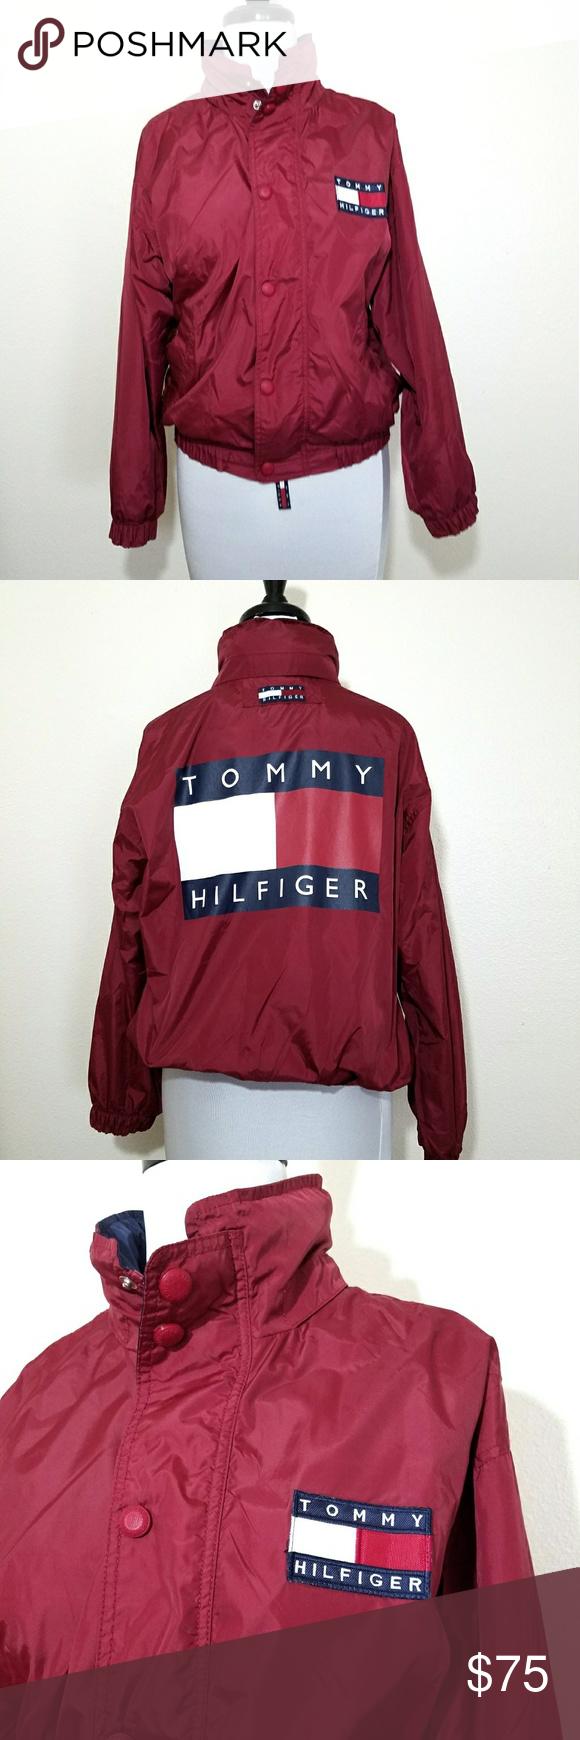 Vintage TOMMY HILFIGER jacket coat M/L (With images